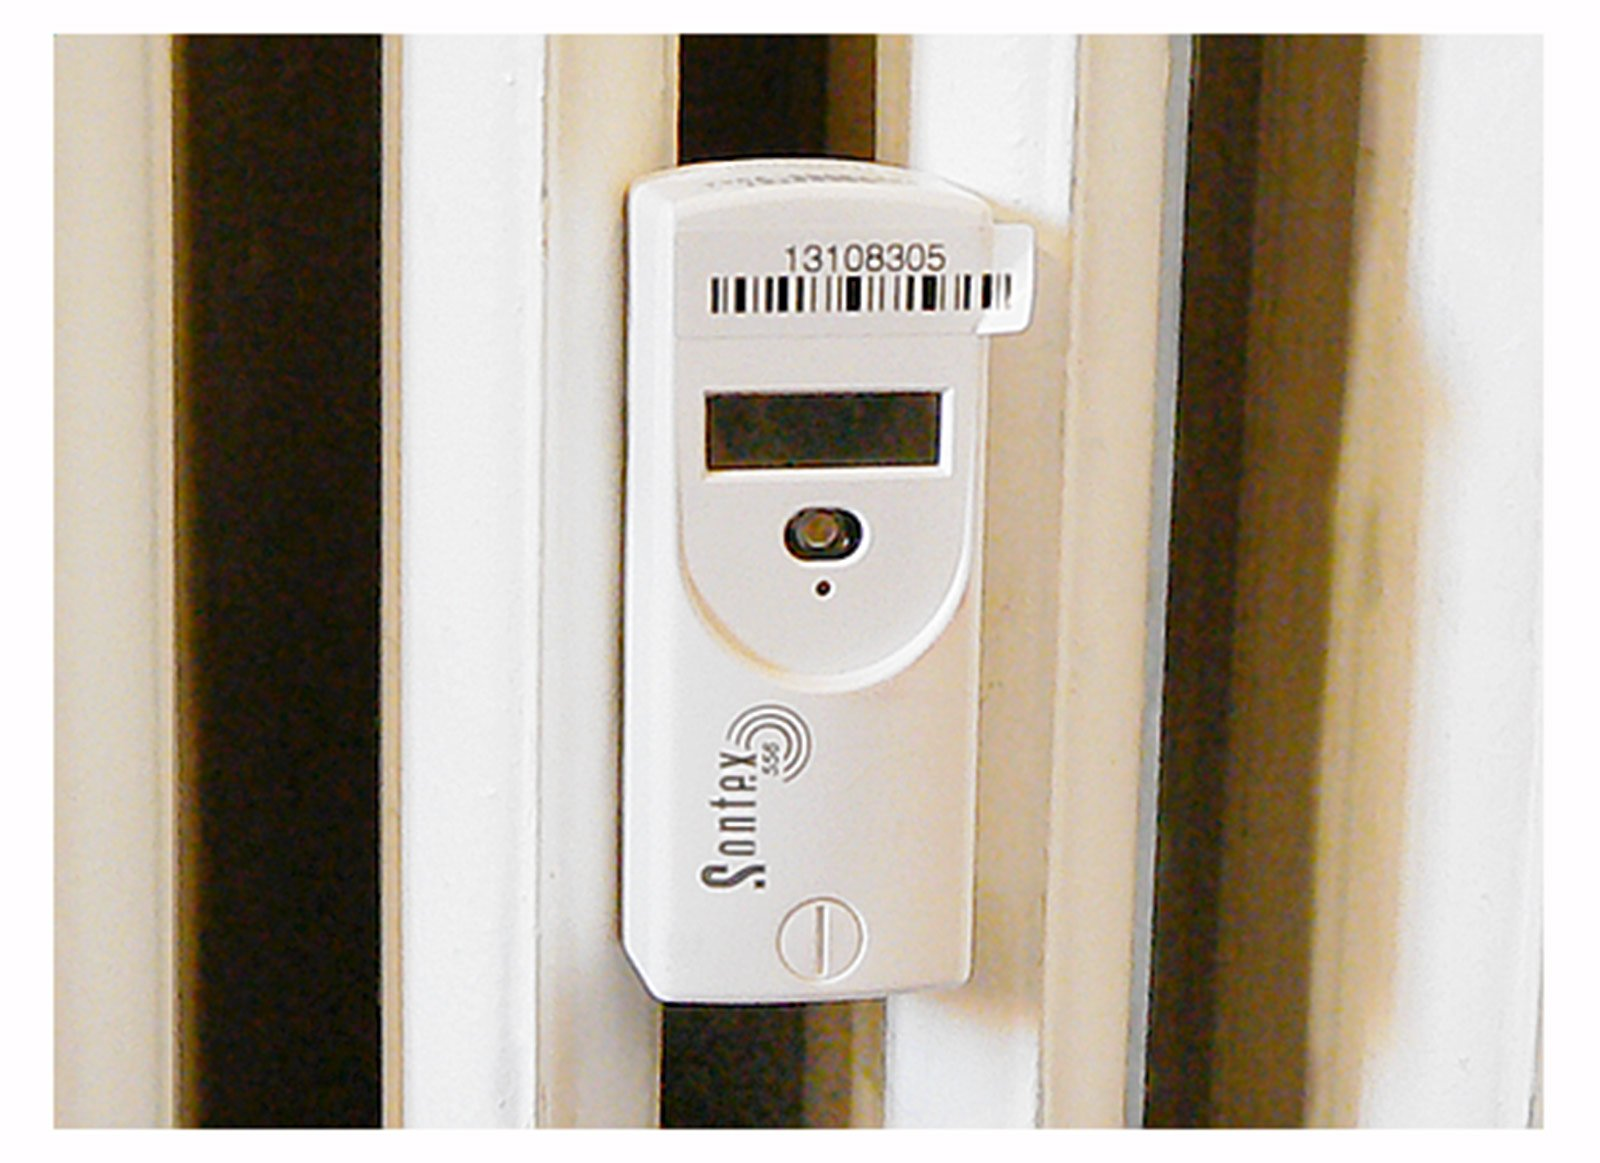 Smontare Termosifone Dal Muro valvole termostatiche per risparmiare sui consumi. un